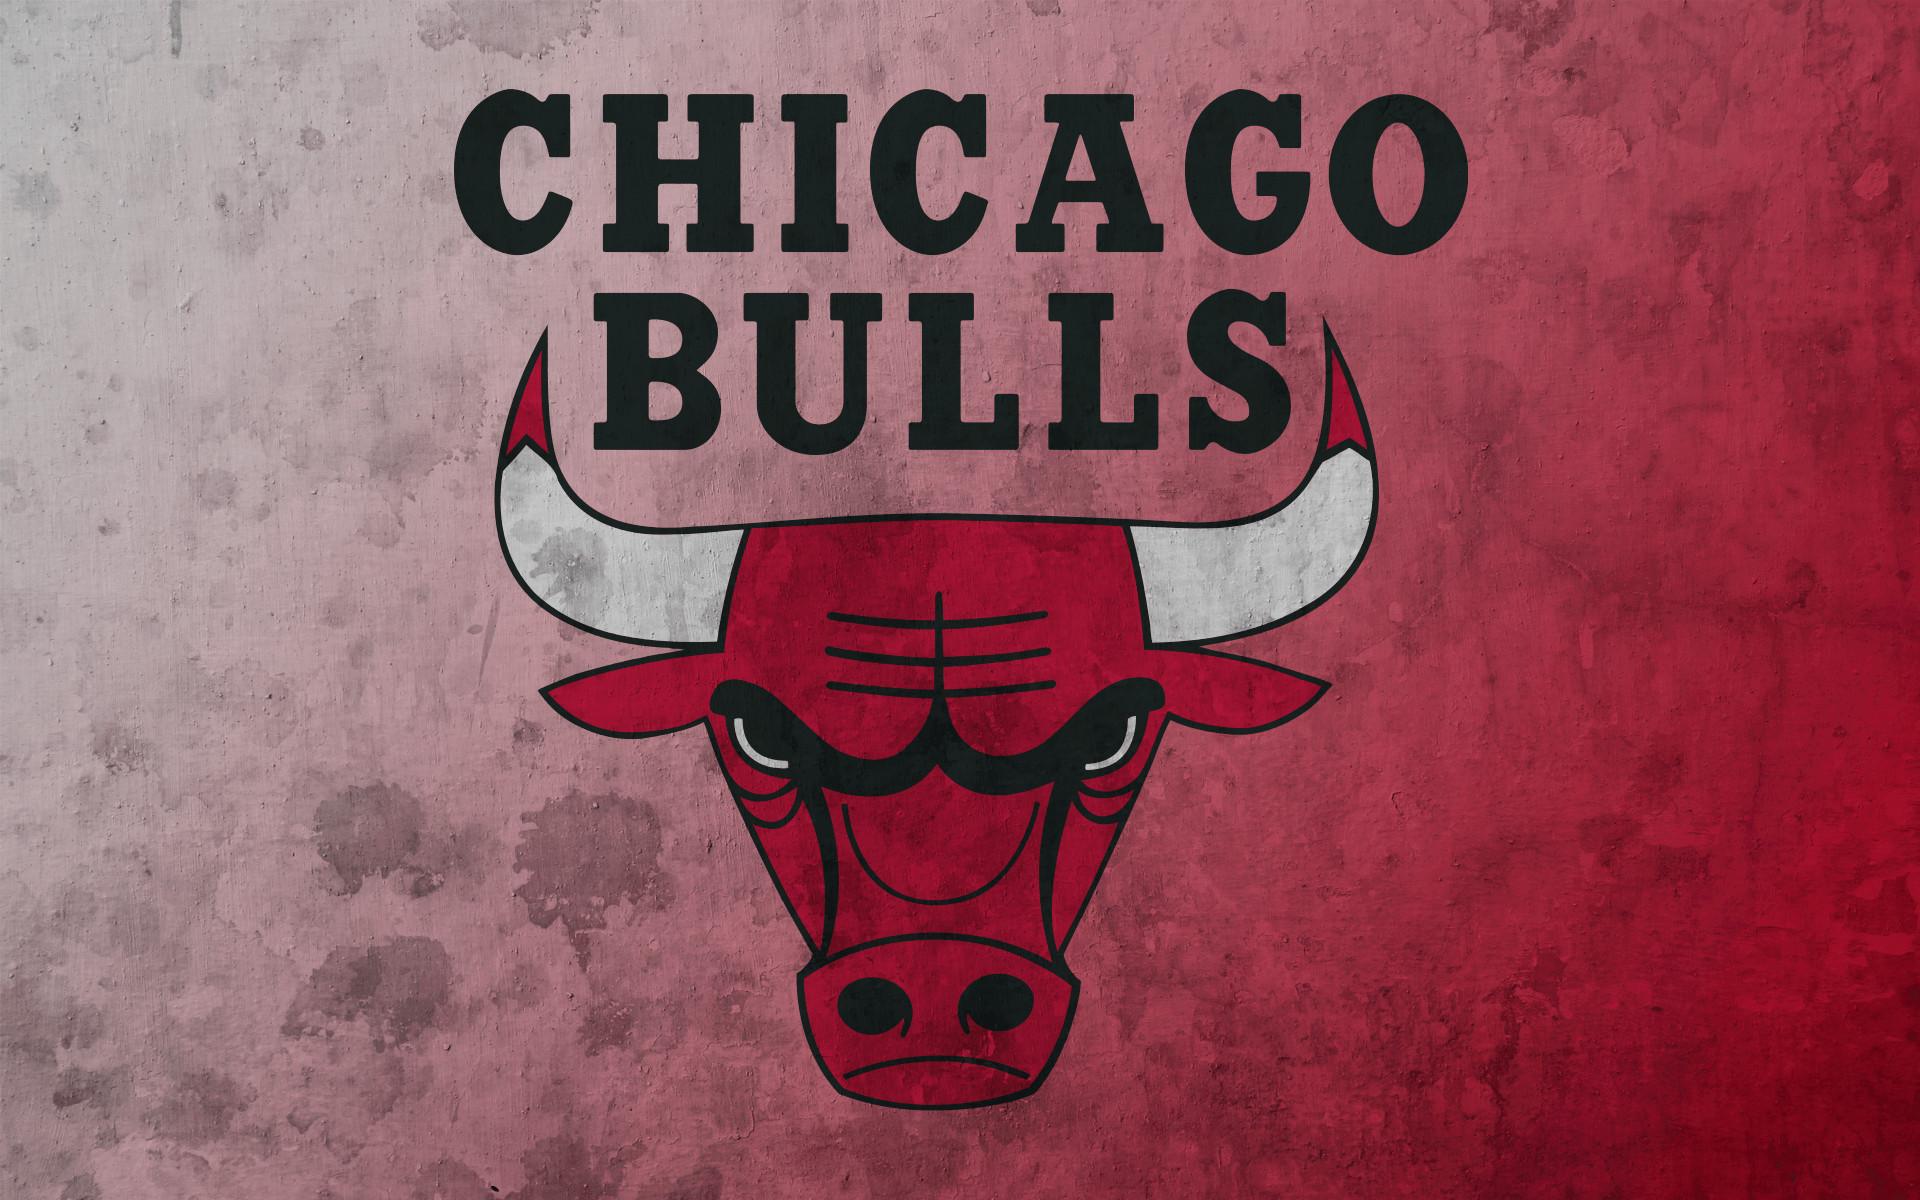 Chicago bulls logo wallpaper hd 72 images 1920x1080 logo wallpaper hd wallpapersafari chicago bulls t shirt wallpaper 1423427 voltagebd Gallery